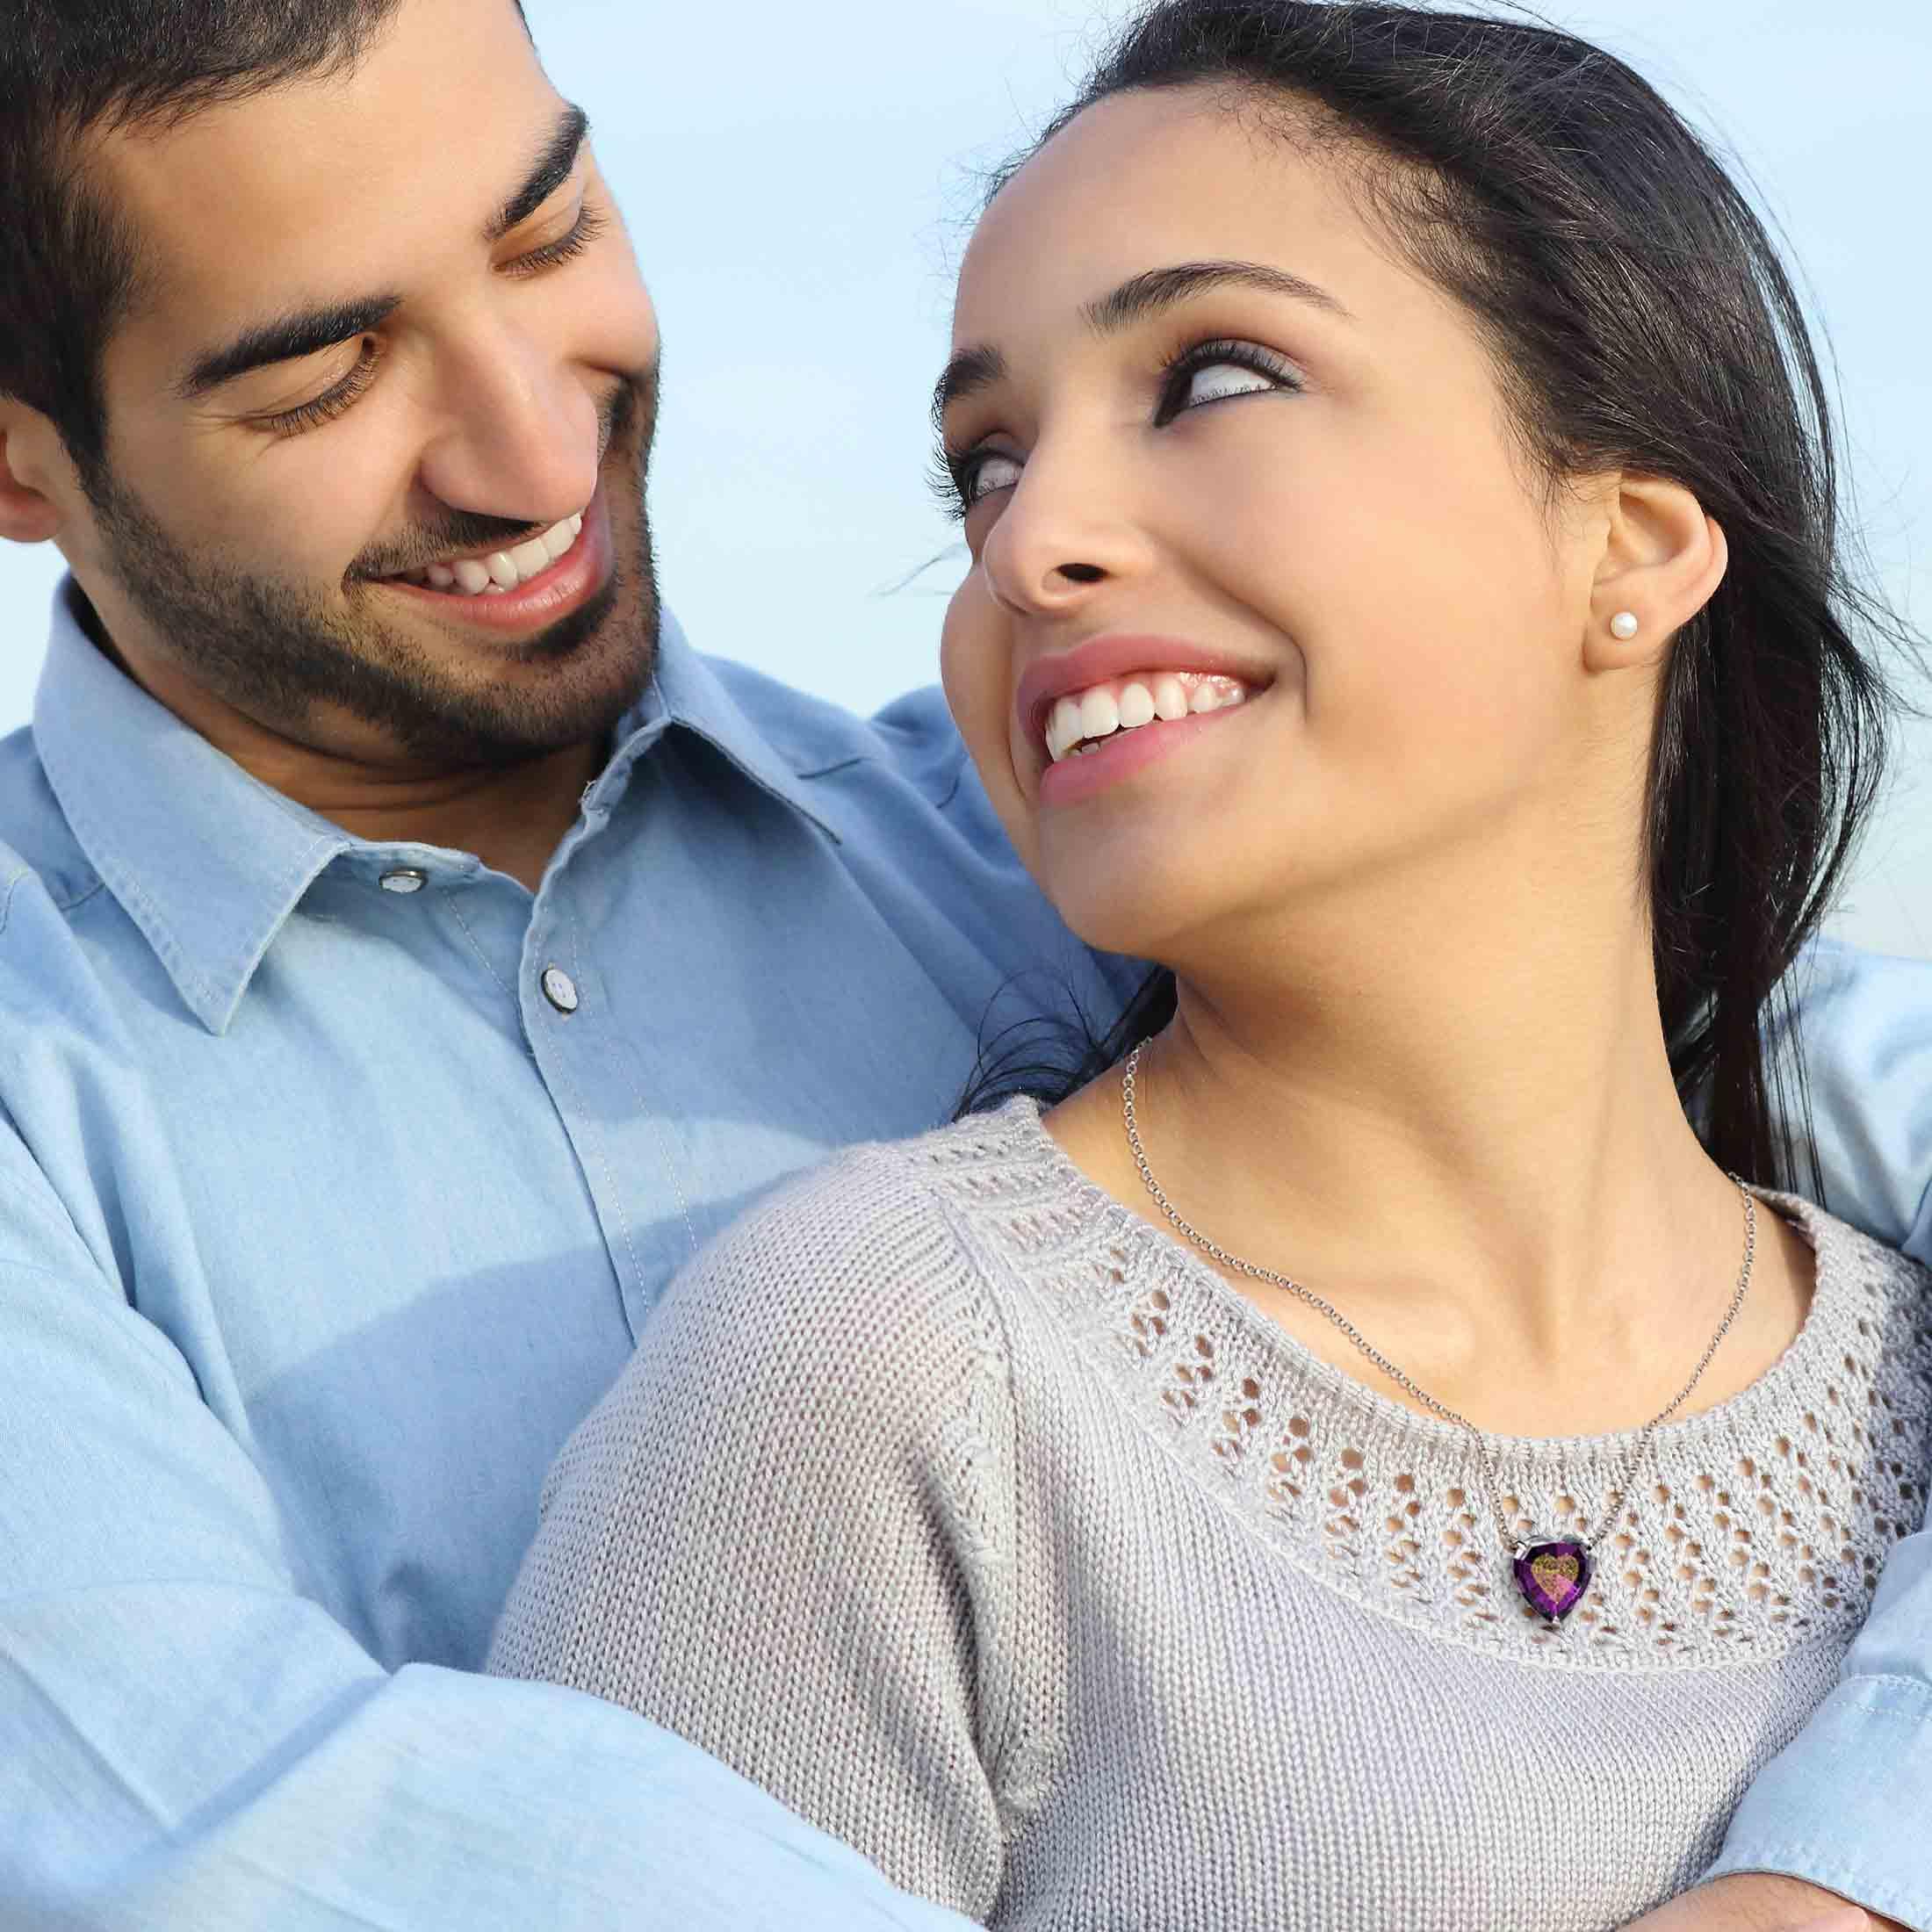 רעיונות ליום האהבה: מתנות לחג האהבה, תכשיטים לטו באב, תכשיטי ננו